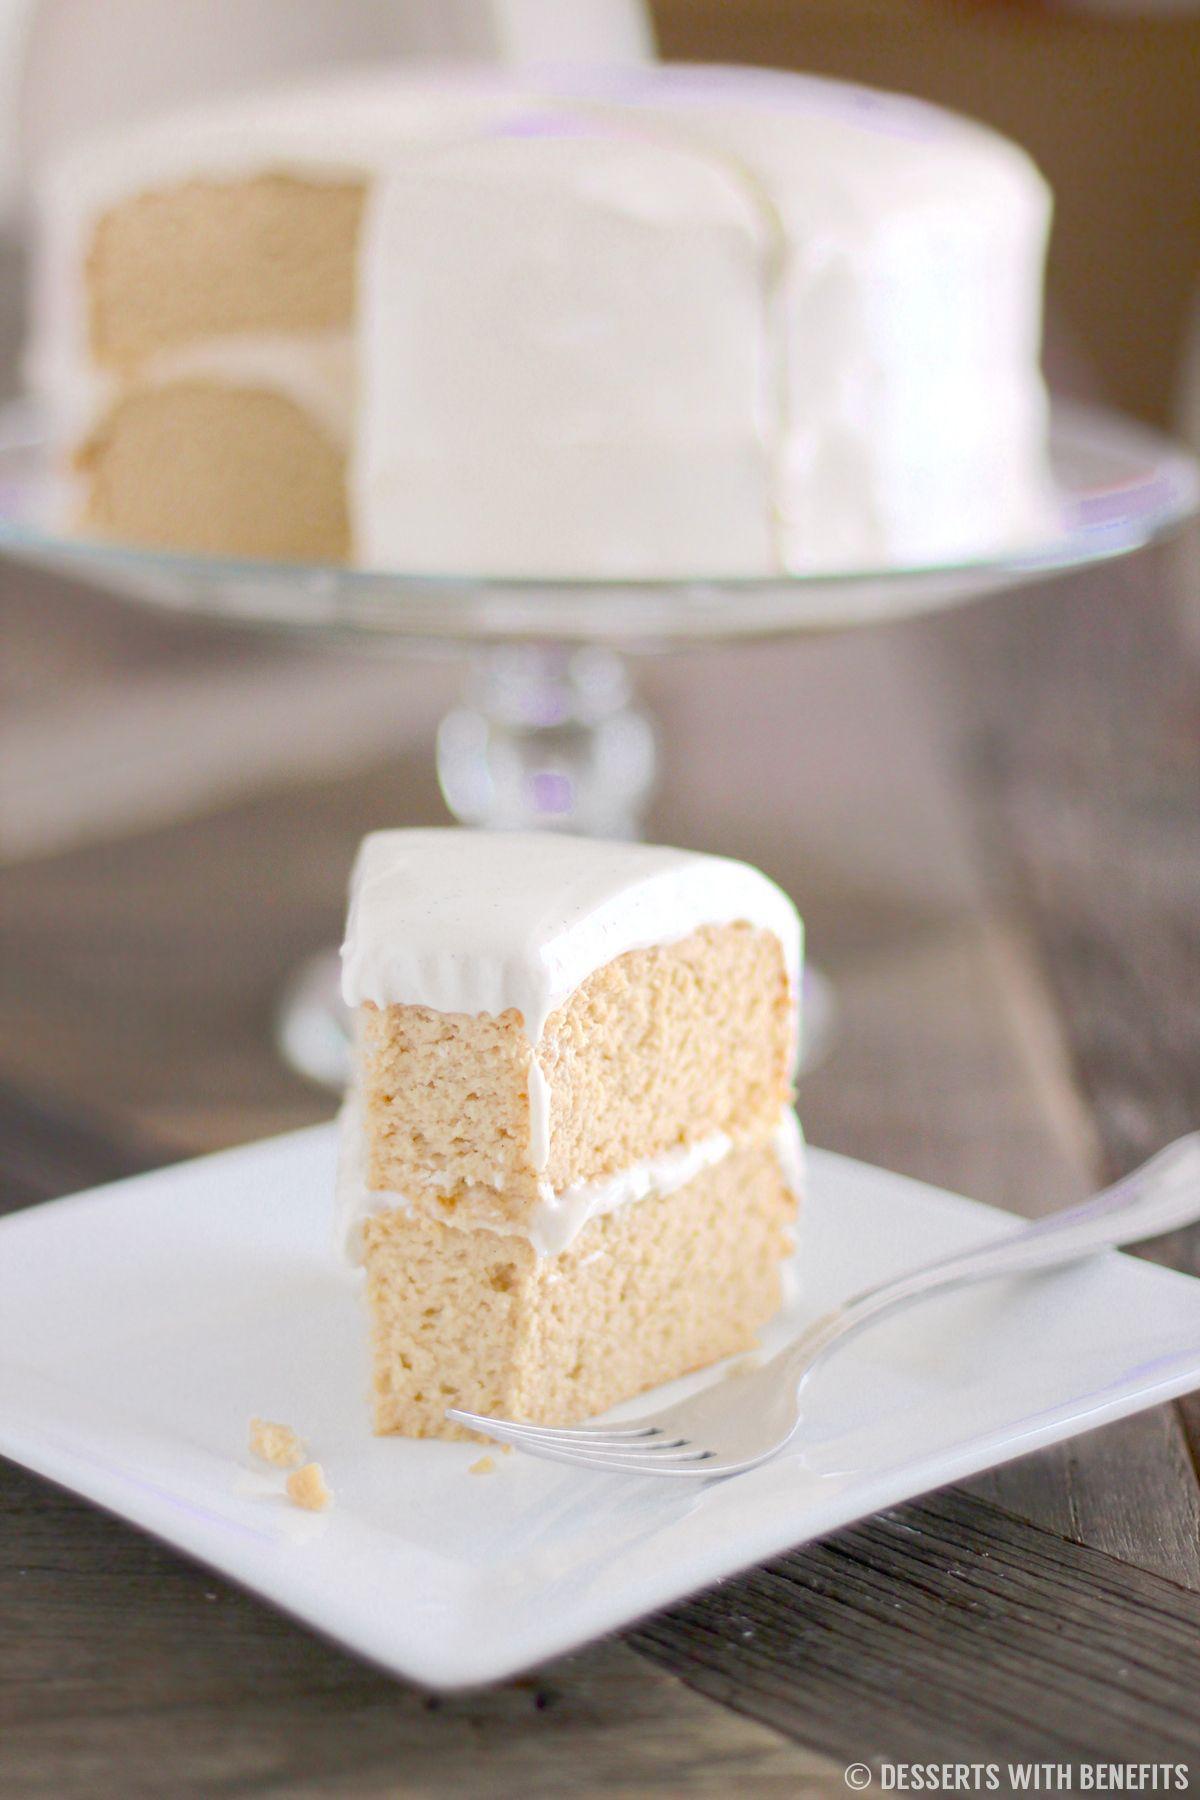 Sugar free cake frosting recipe